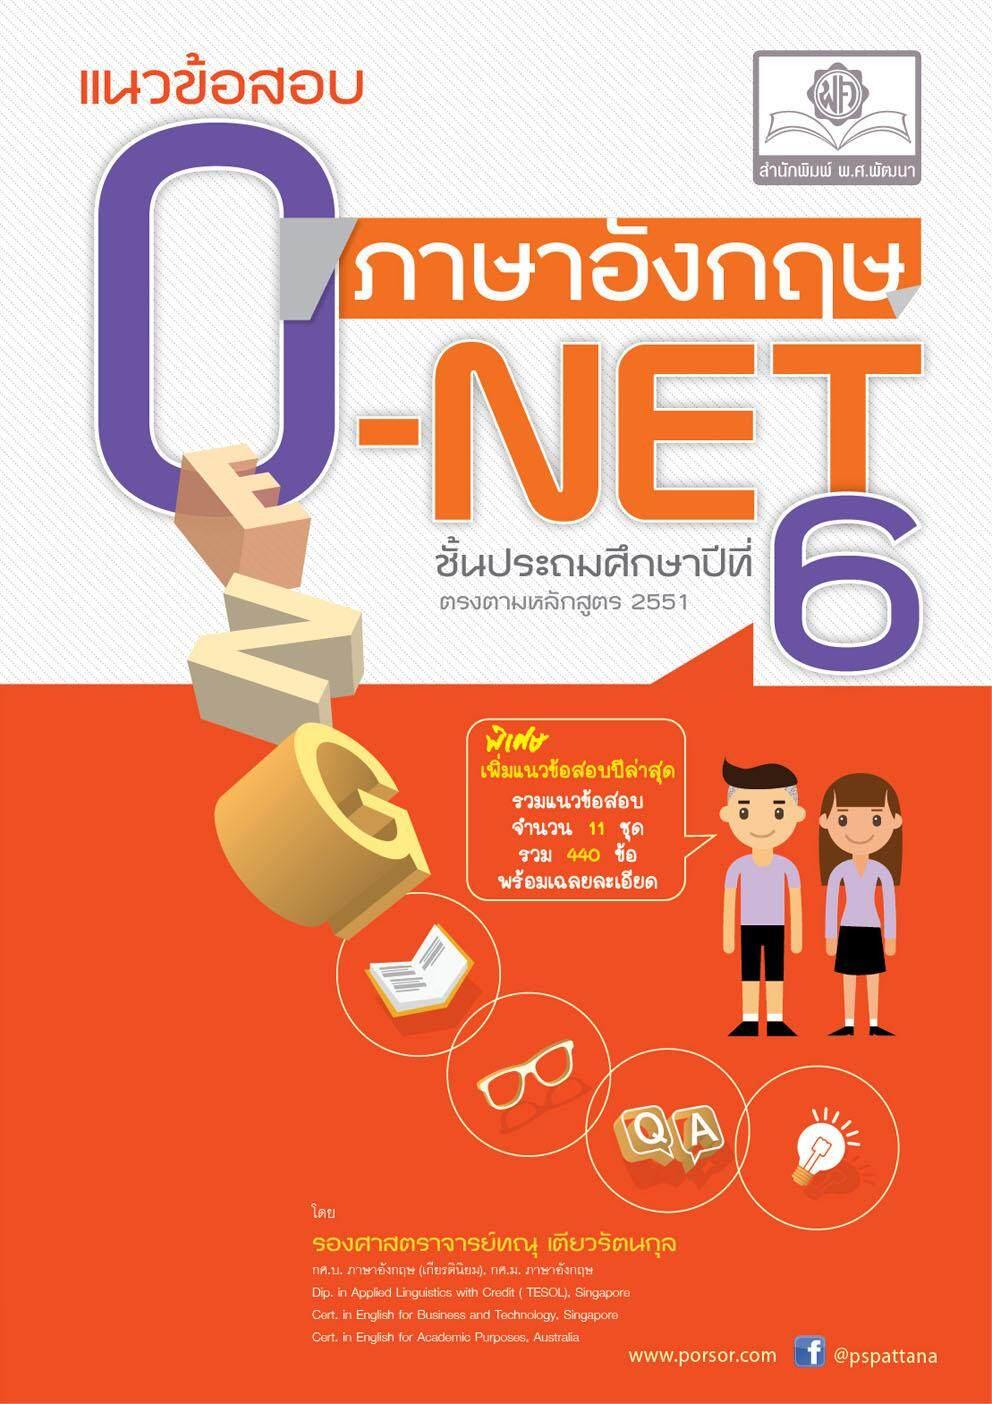 สุดยอดสินค้า!! แนวข้อสอบ ภาษาอังกฤษ O-NET ป.6